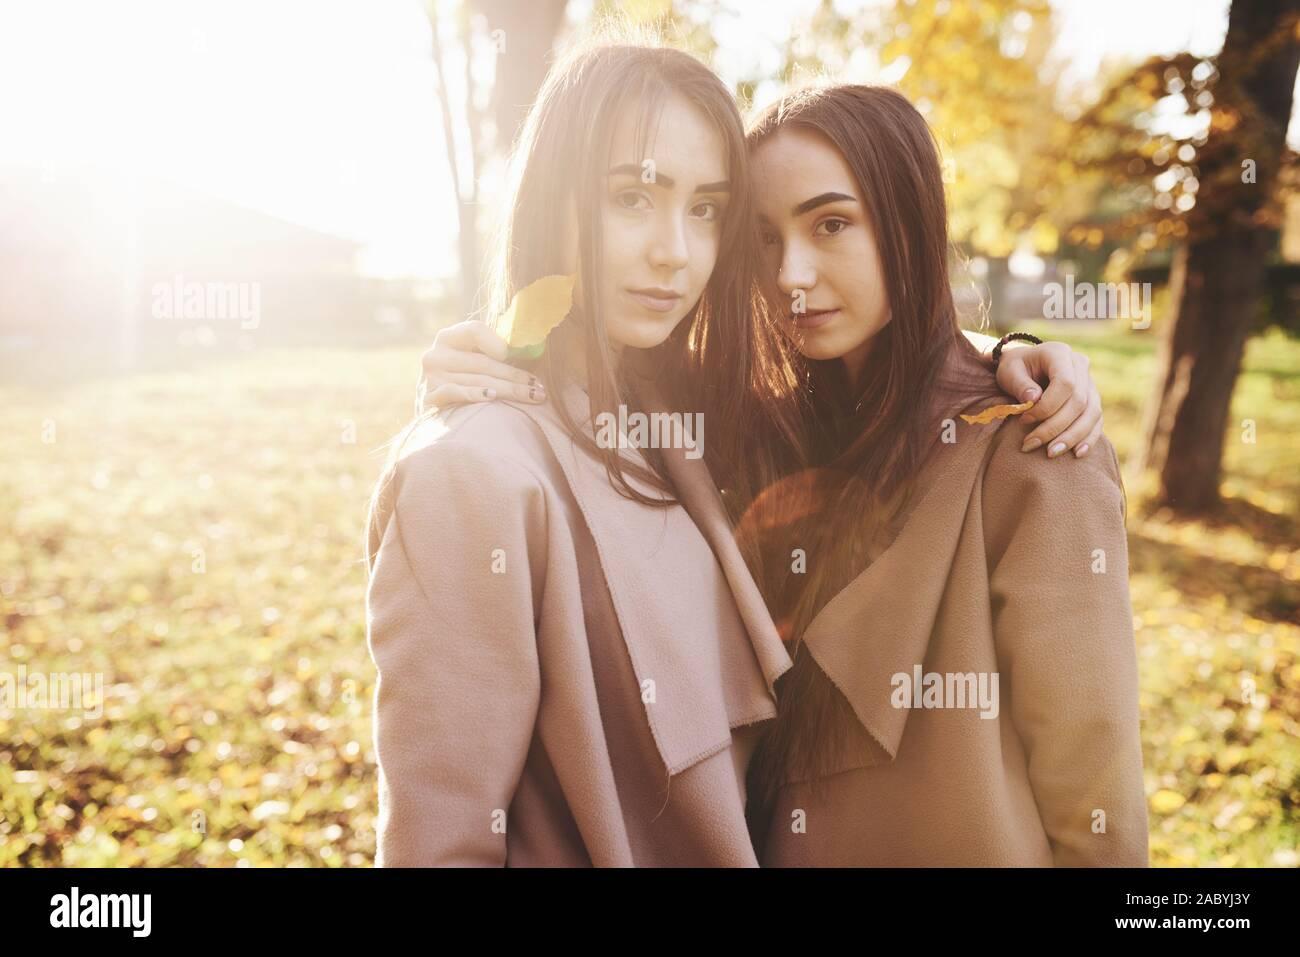 Dos niñas joven morenita muy cerca de pie se dirigió a cada uno de otros, tomados de la mano con las hojas sobre sus hombros, vistiendo chaqueta casual, tocando los jefes Foto de stock